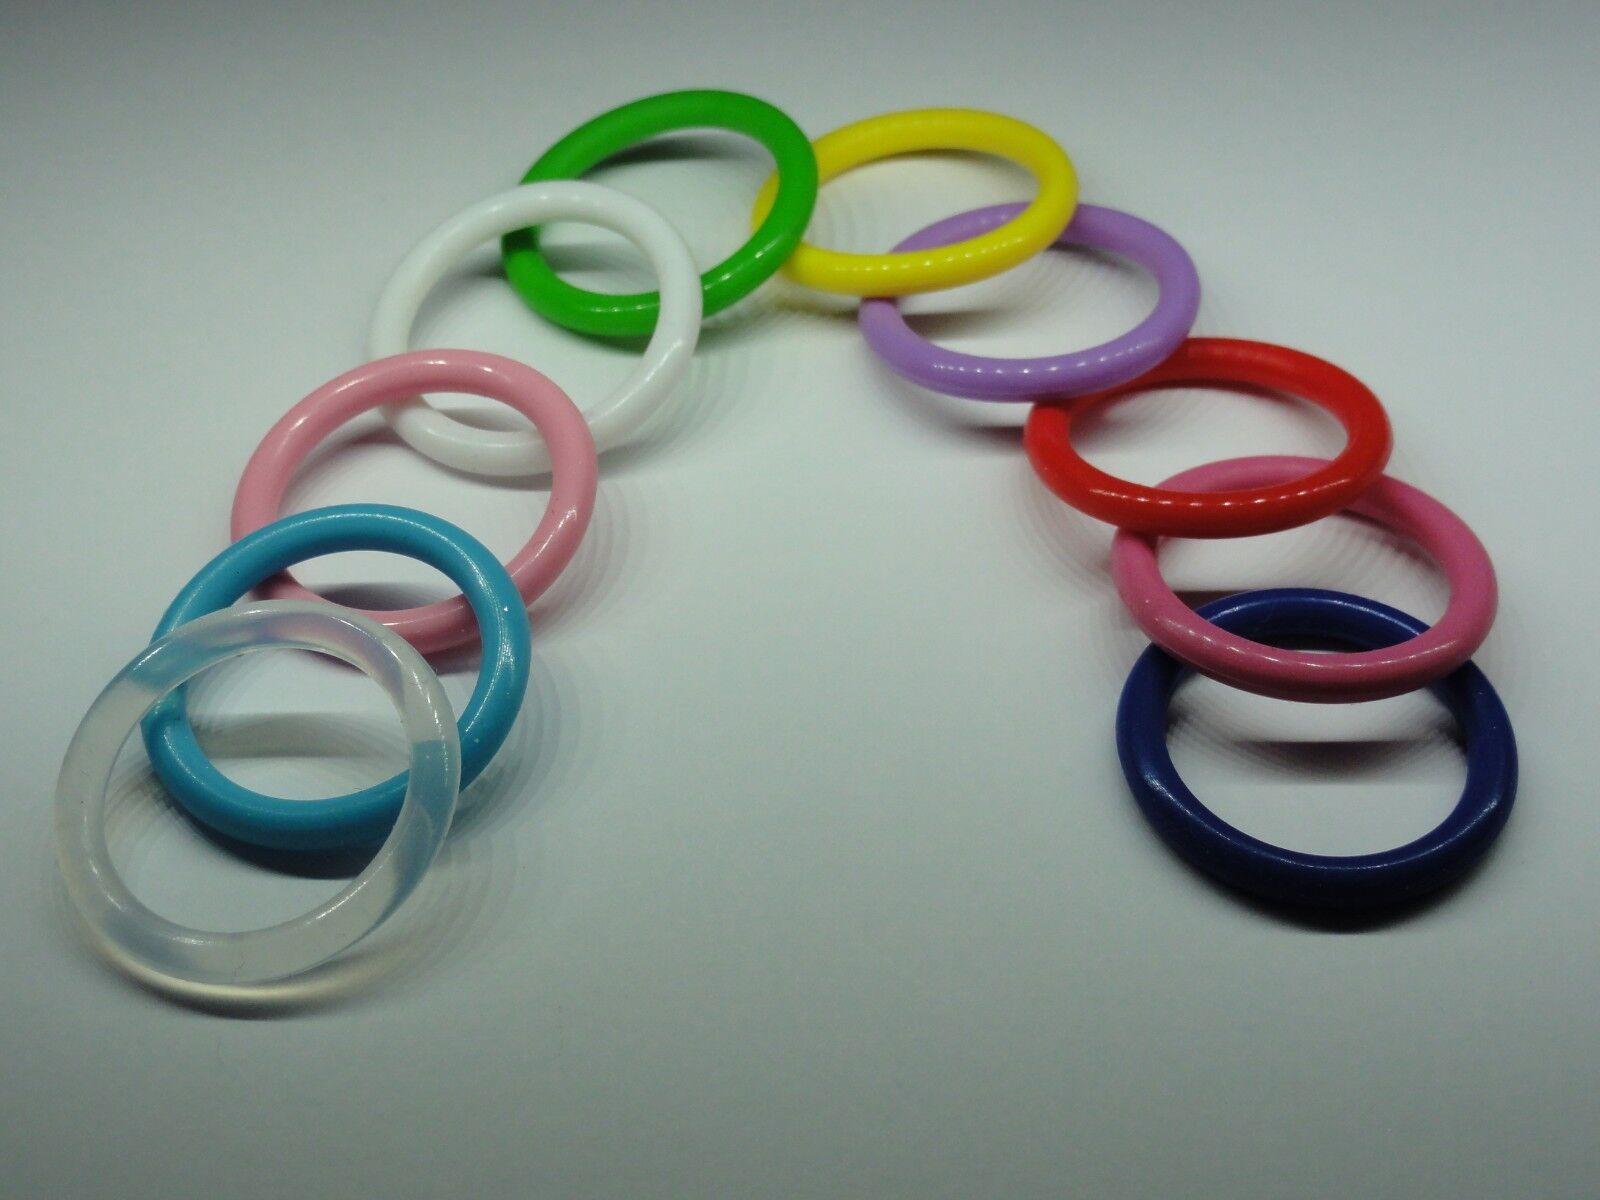 Silikonring - Gummiring für Schnullerkette - Schnuller ohne Ring z.b Mam NEU